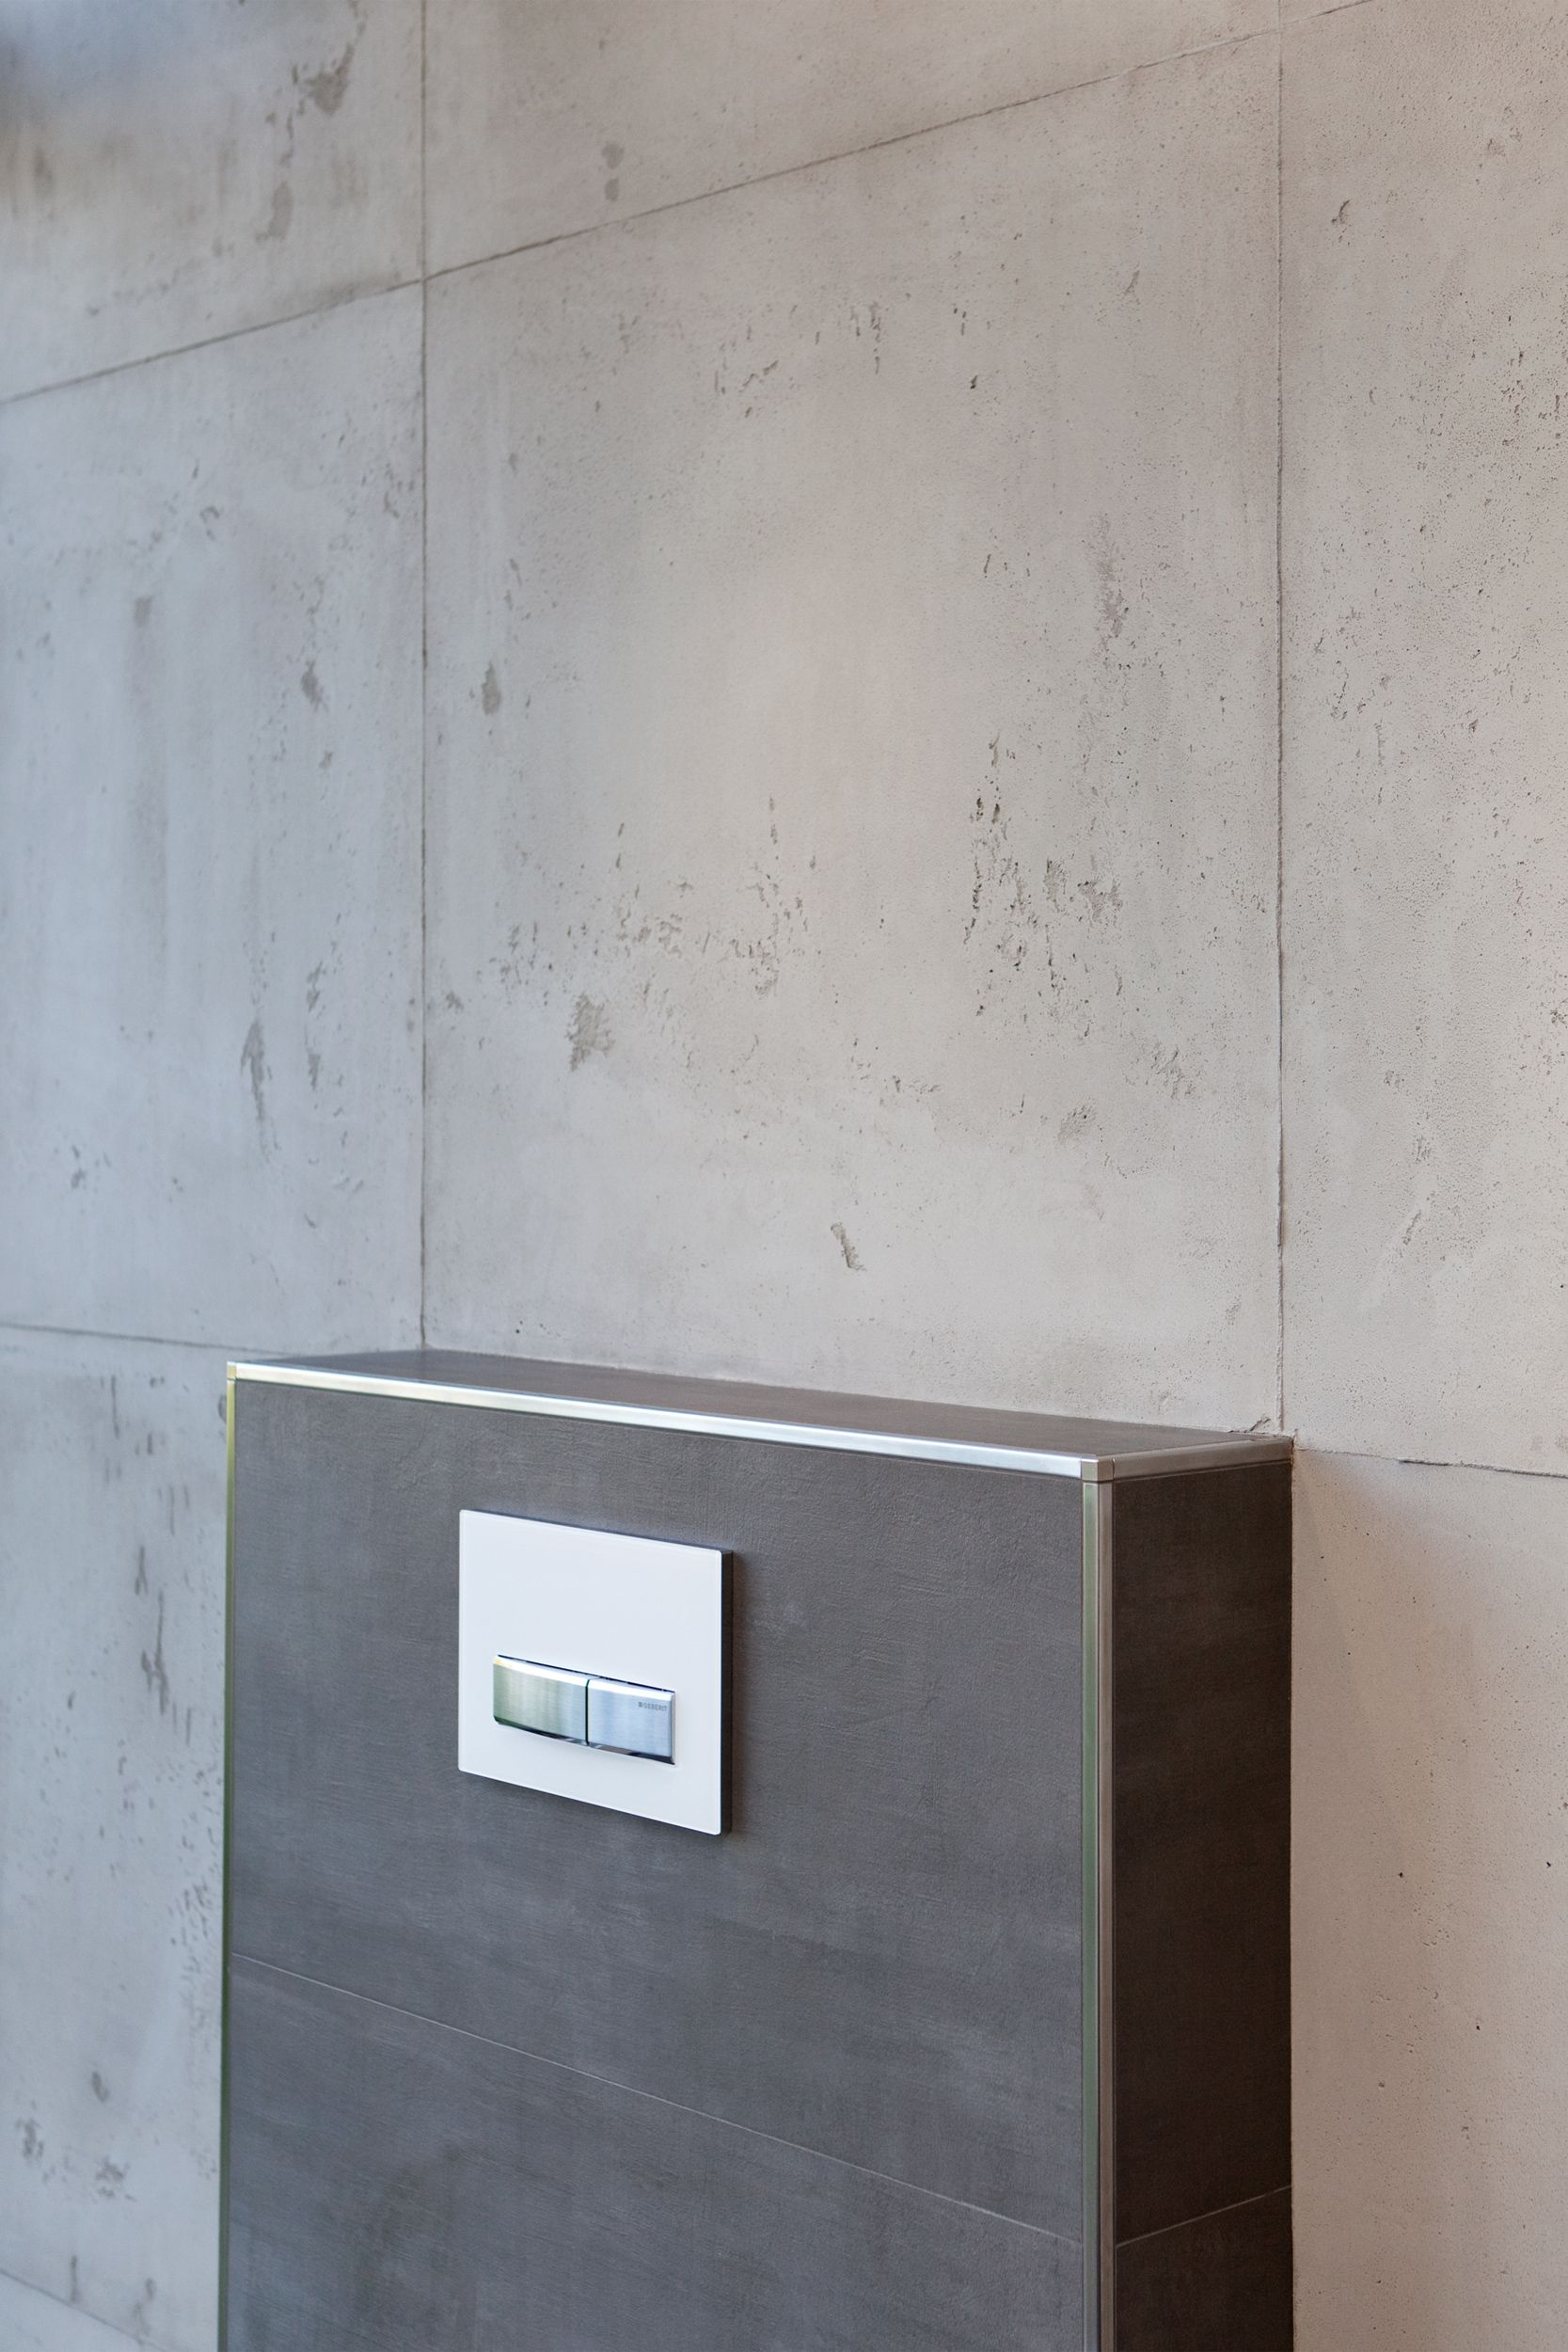 feinsteinzeug fliesen 40x80 cm in betonoptik farbe graphit. Black Bedroom Furniture Sets. Home Design Ideas